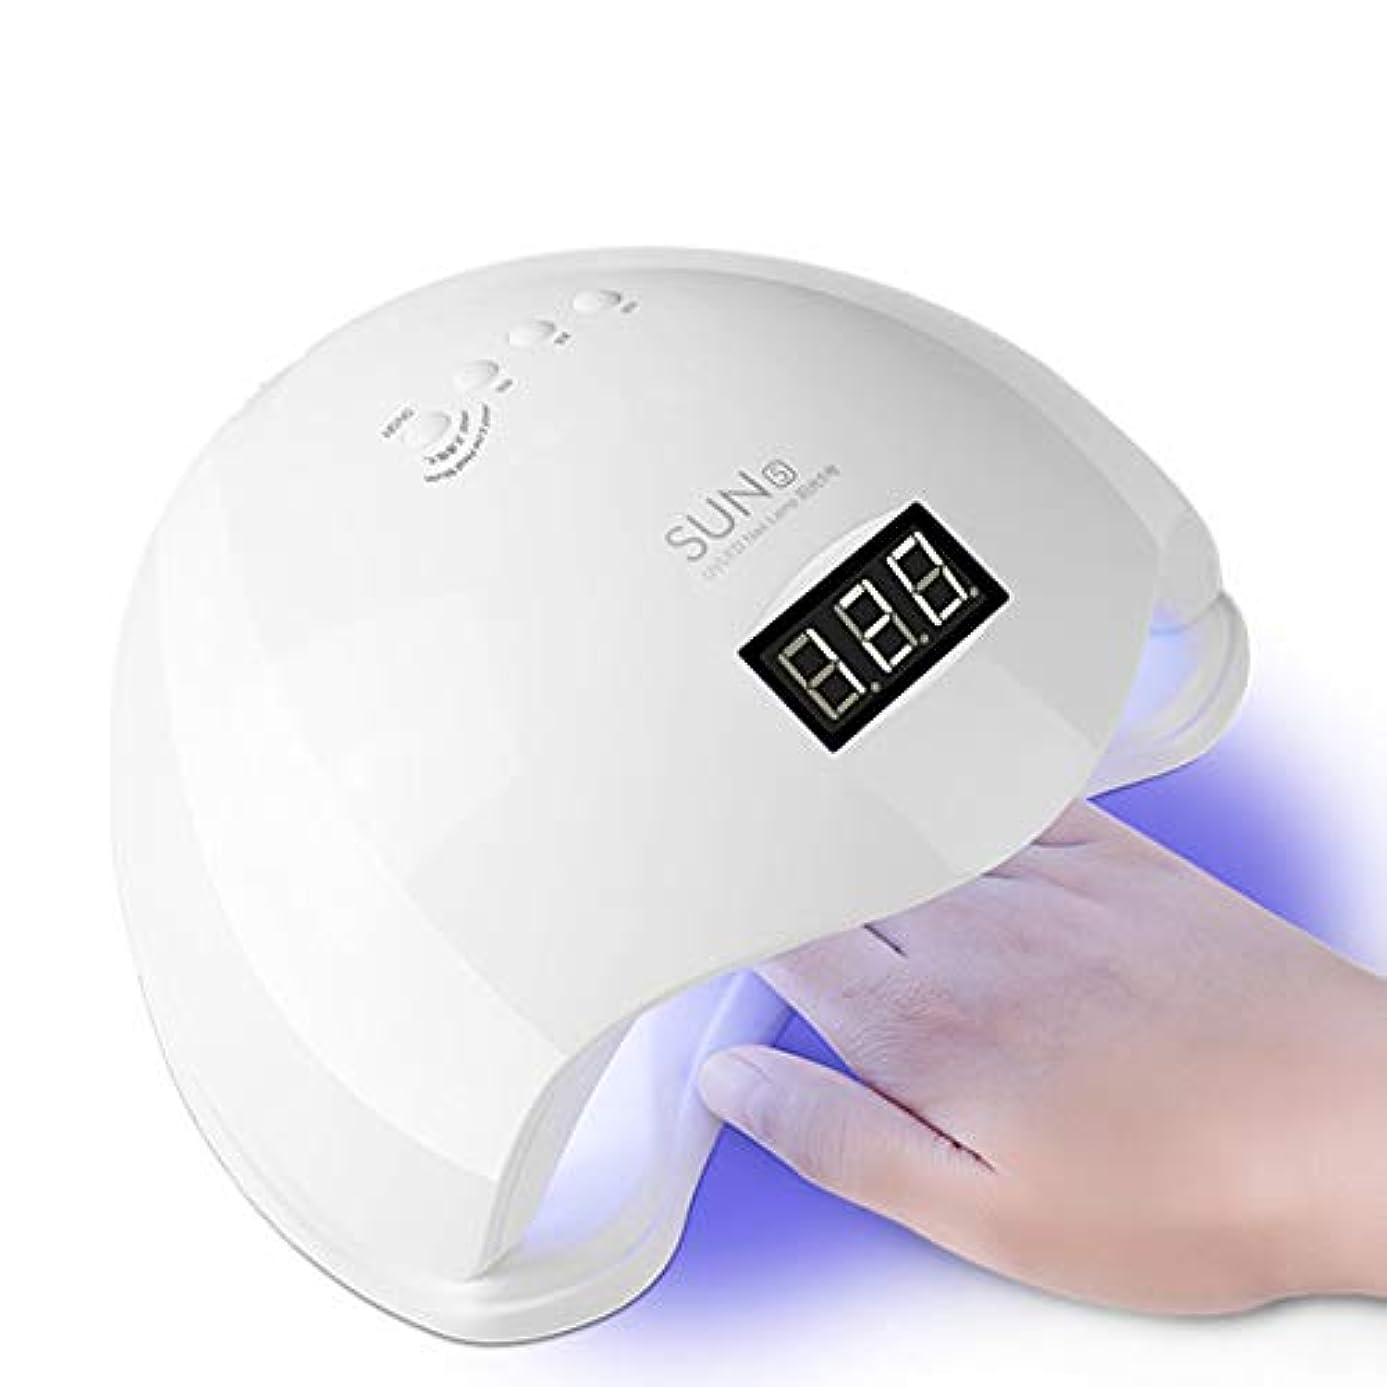 怒ってひどいエールUV LEDネイルドライヤー 赤外線検知 48W高効率 赤外線美白機能付き マニキュア用 4段階タイマー設定可能 手足兼用 (白) [並行輸入品]